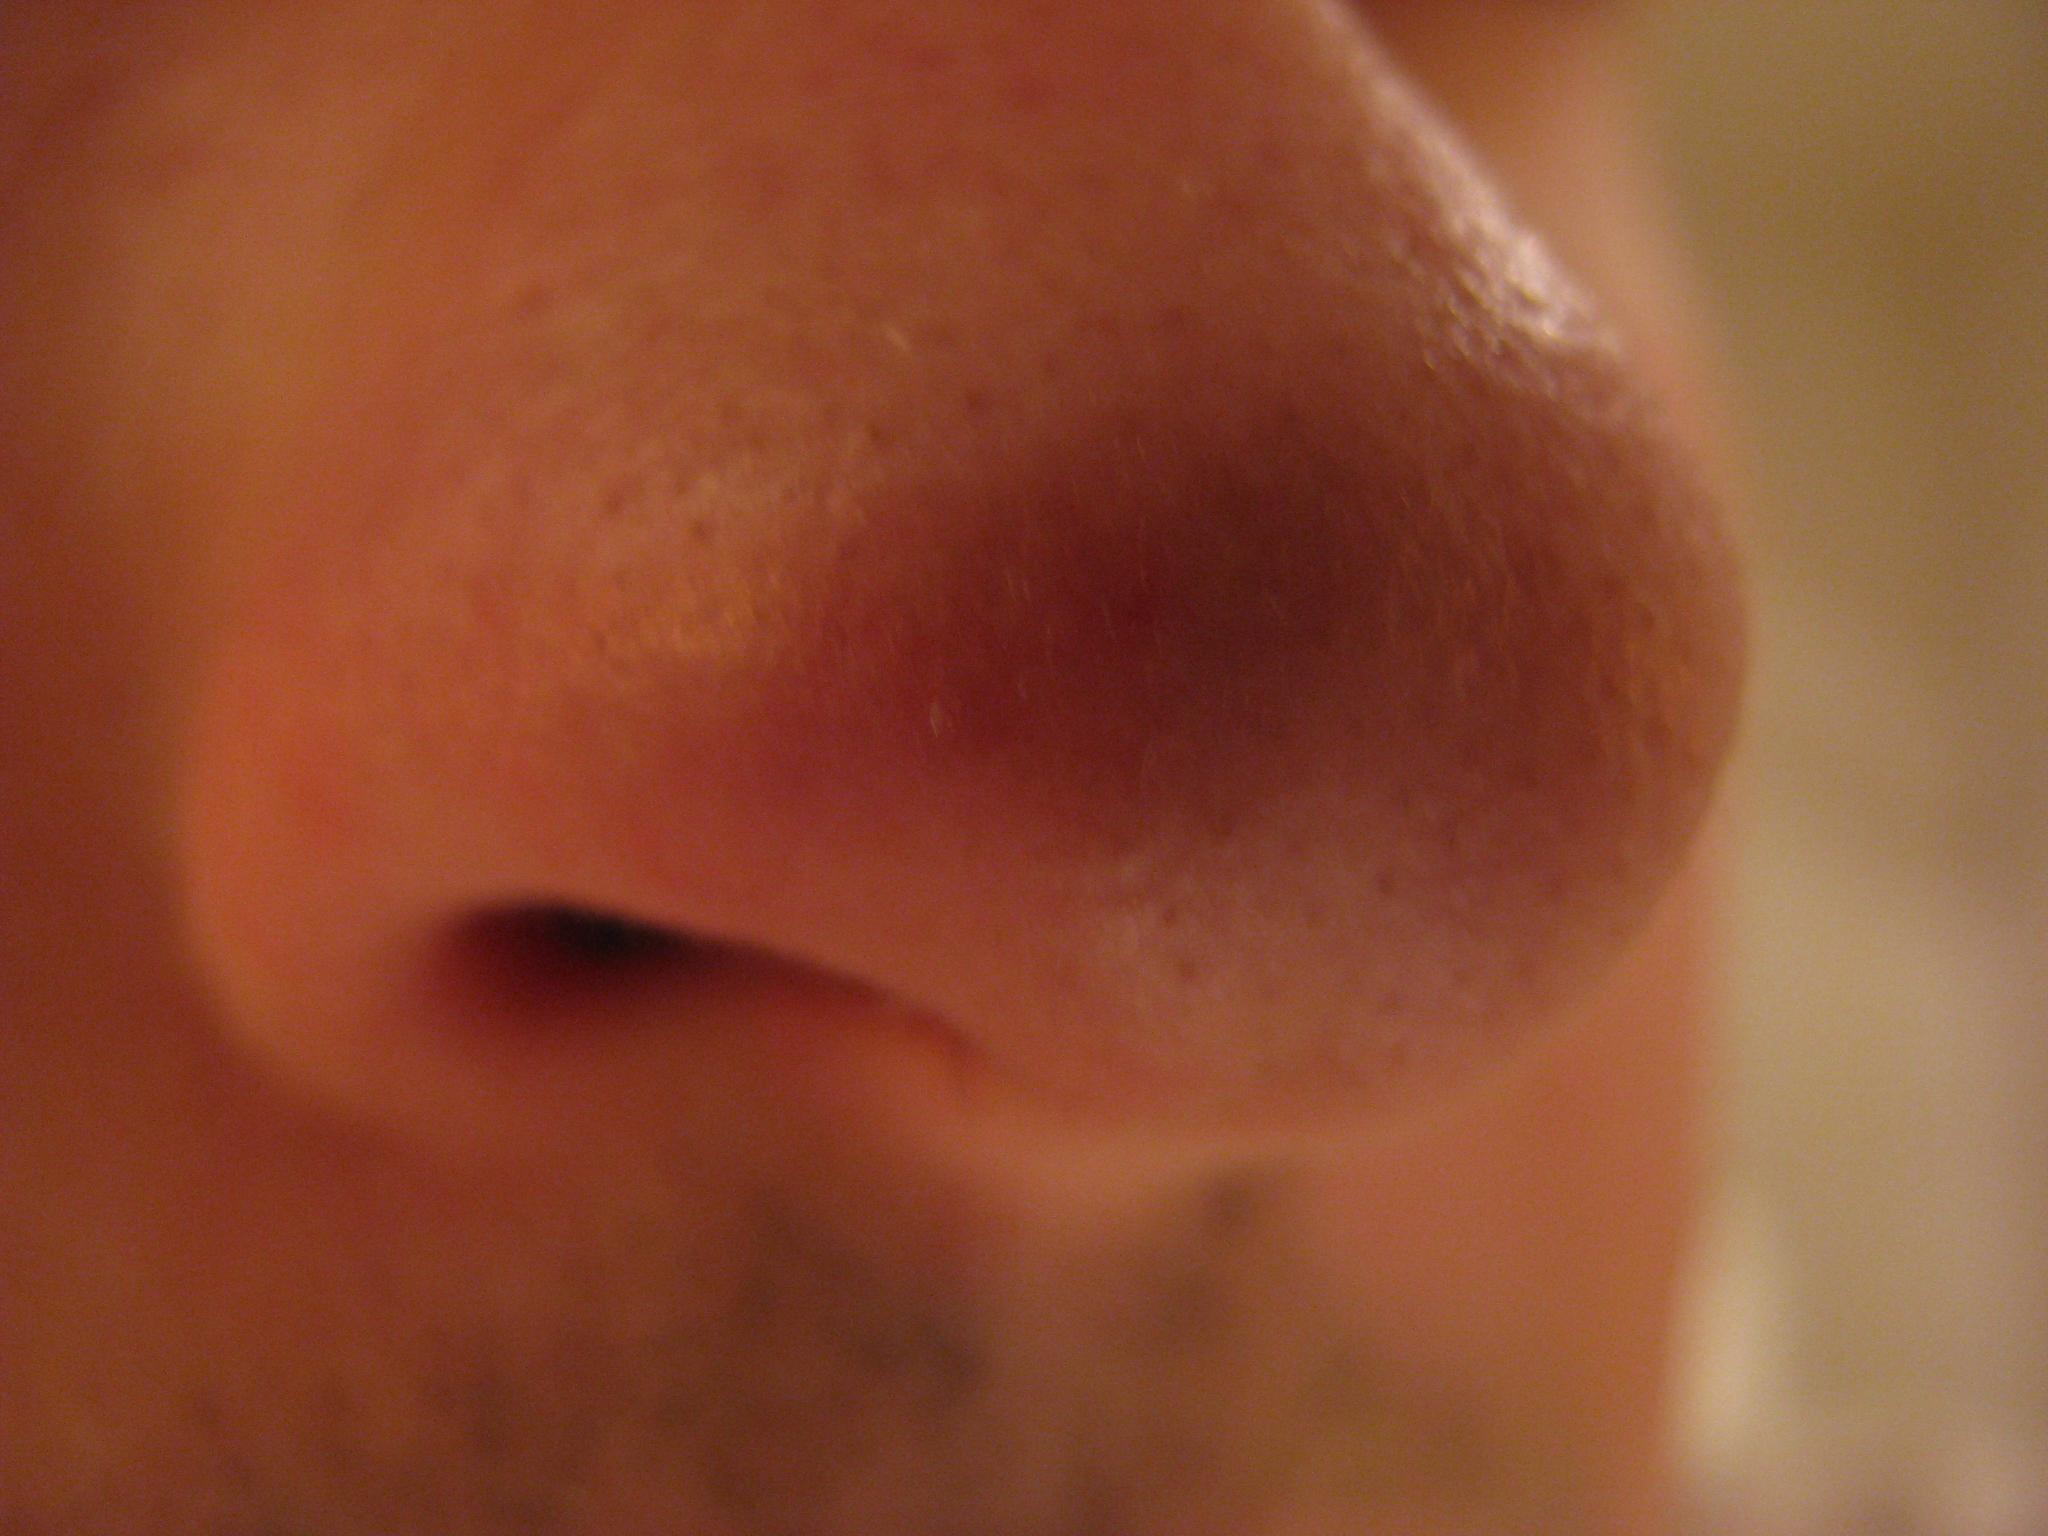 Постоянно гнойной прыщ на носу